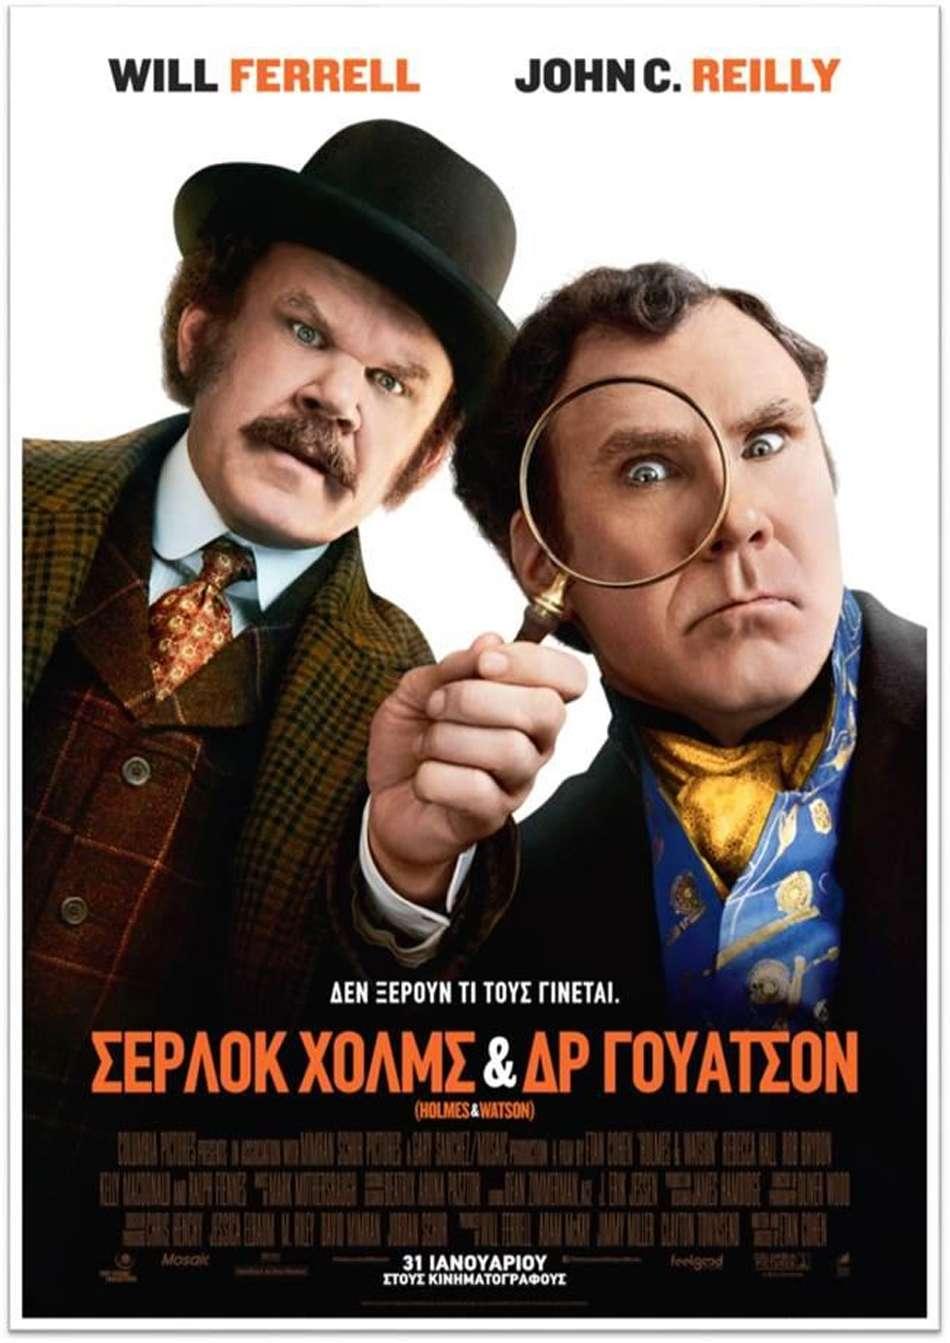 Σέρλοκ Χολμς & Δρ. Γουάτσον  (Holmes & Watson) Poster